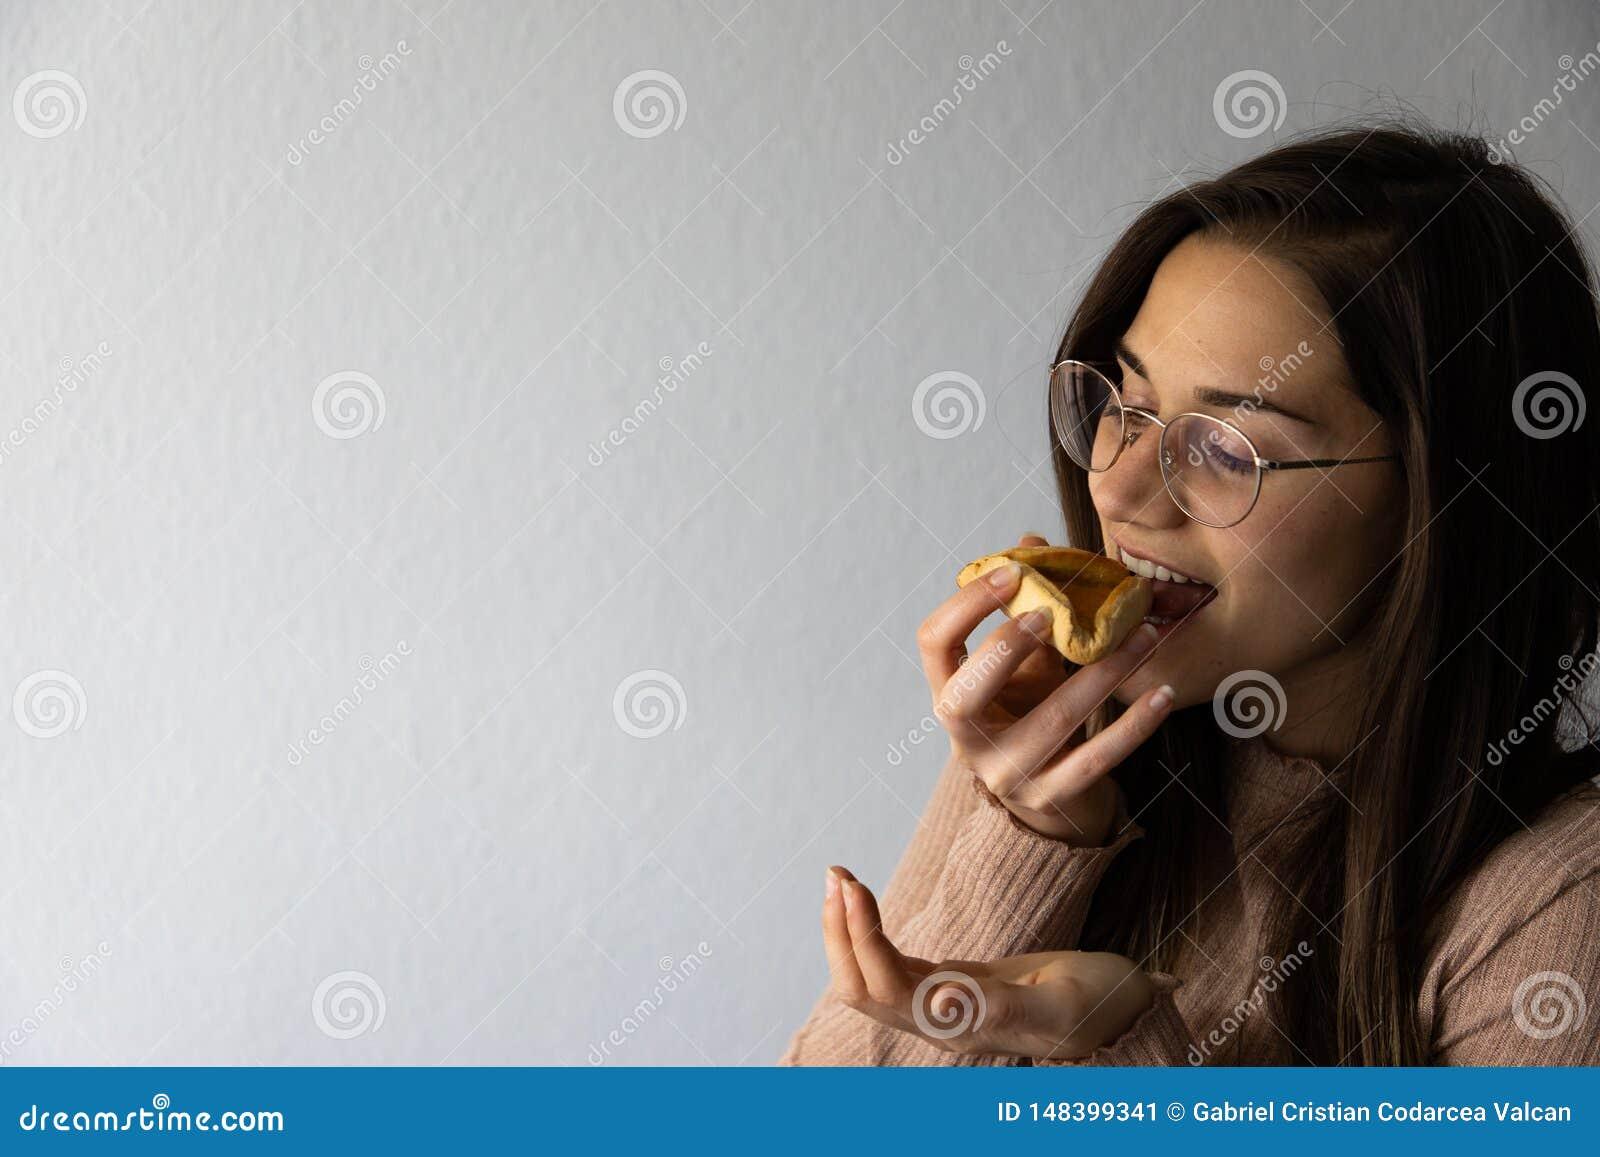 Sch?nes und gl?ckliches Frauenportr?t, das hamantash Purim-Aprikosenpl?tzchen isst